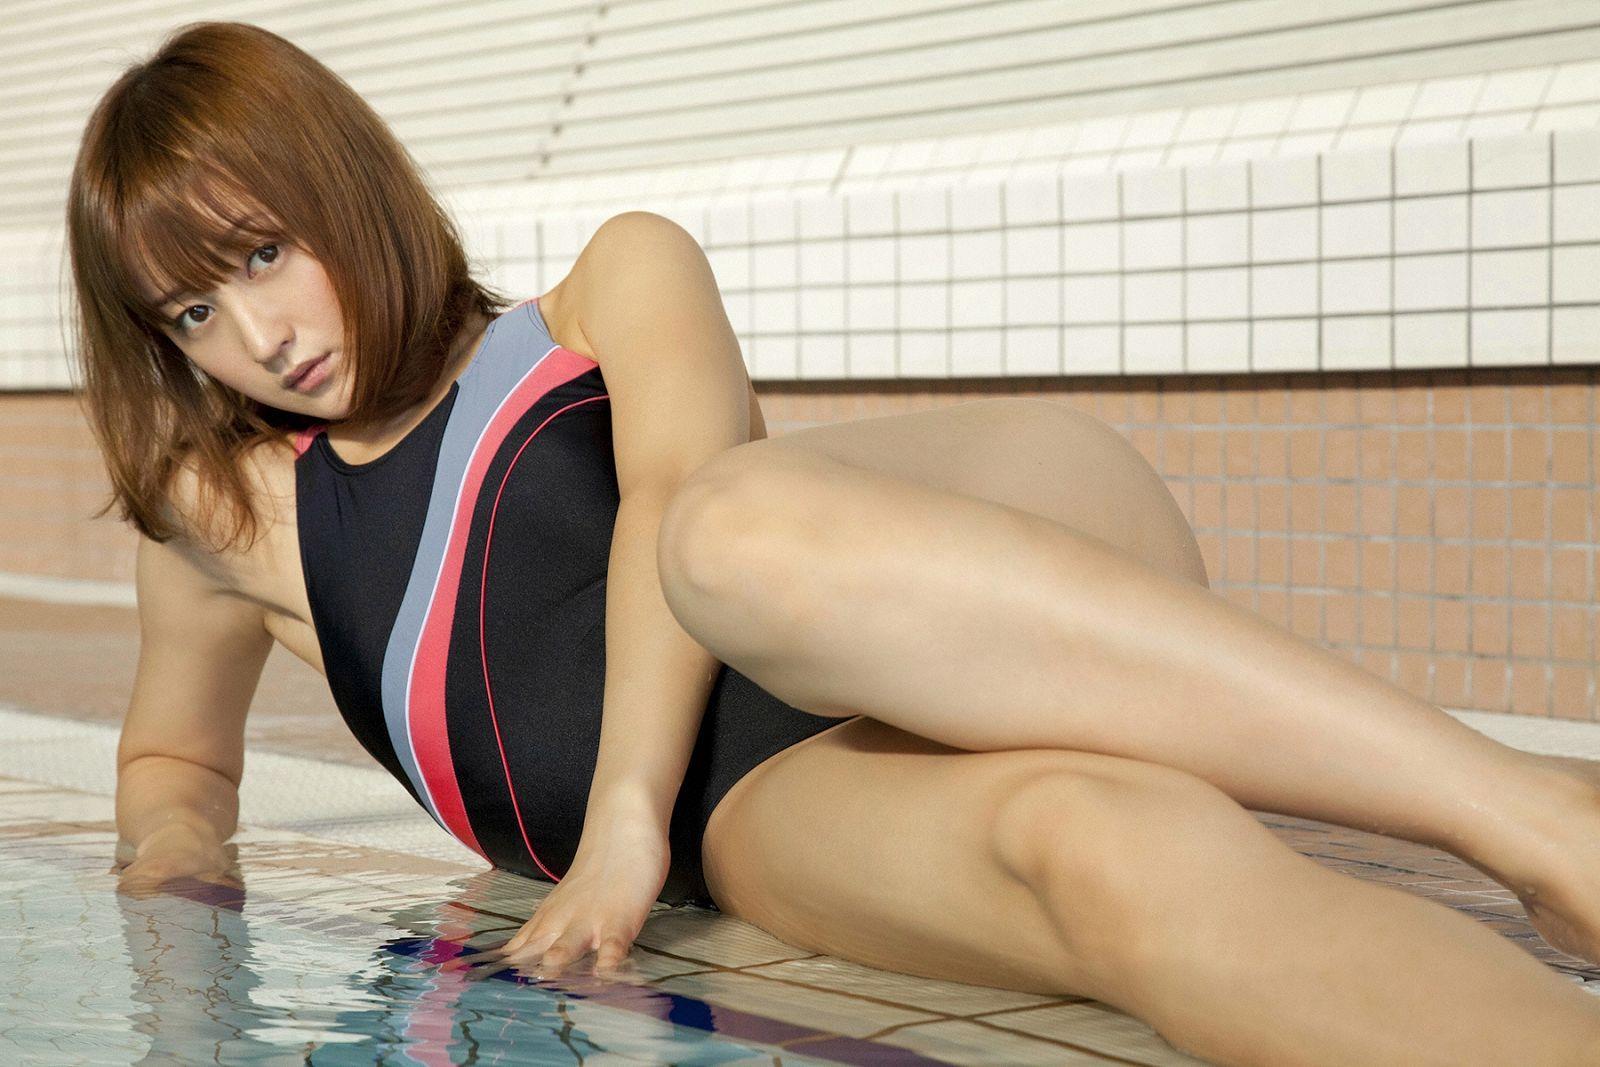 小松彩夏 画像 138